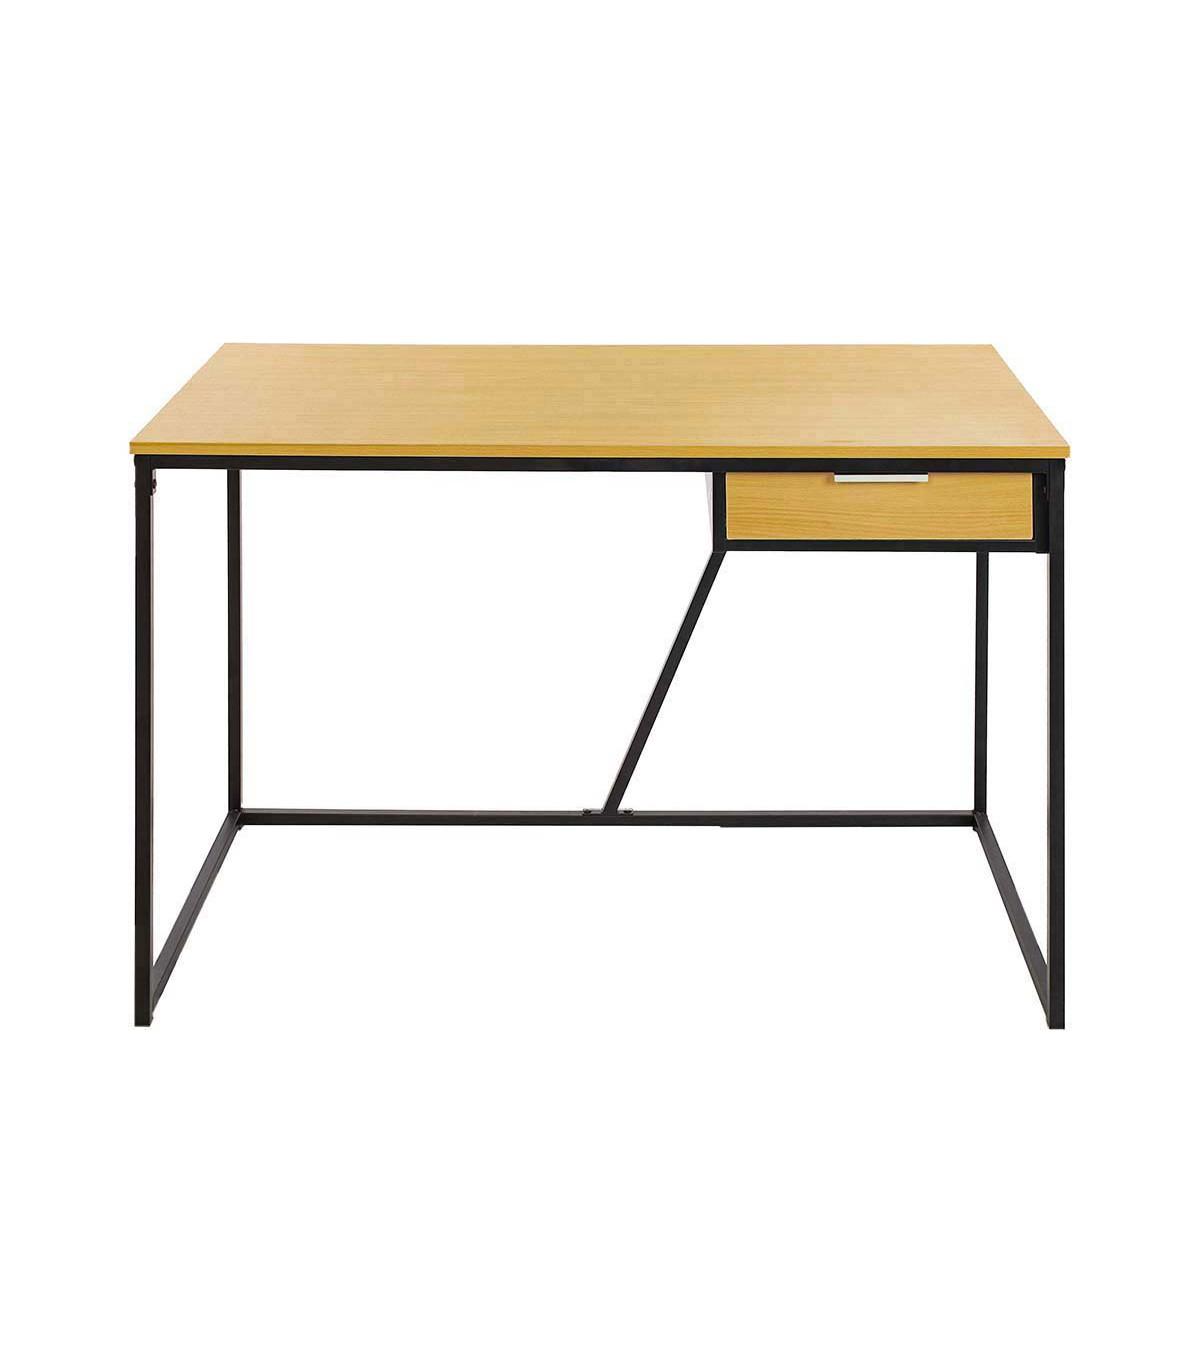 Bureau en bois et pieds en métal noir - Marron clair